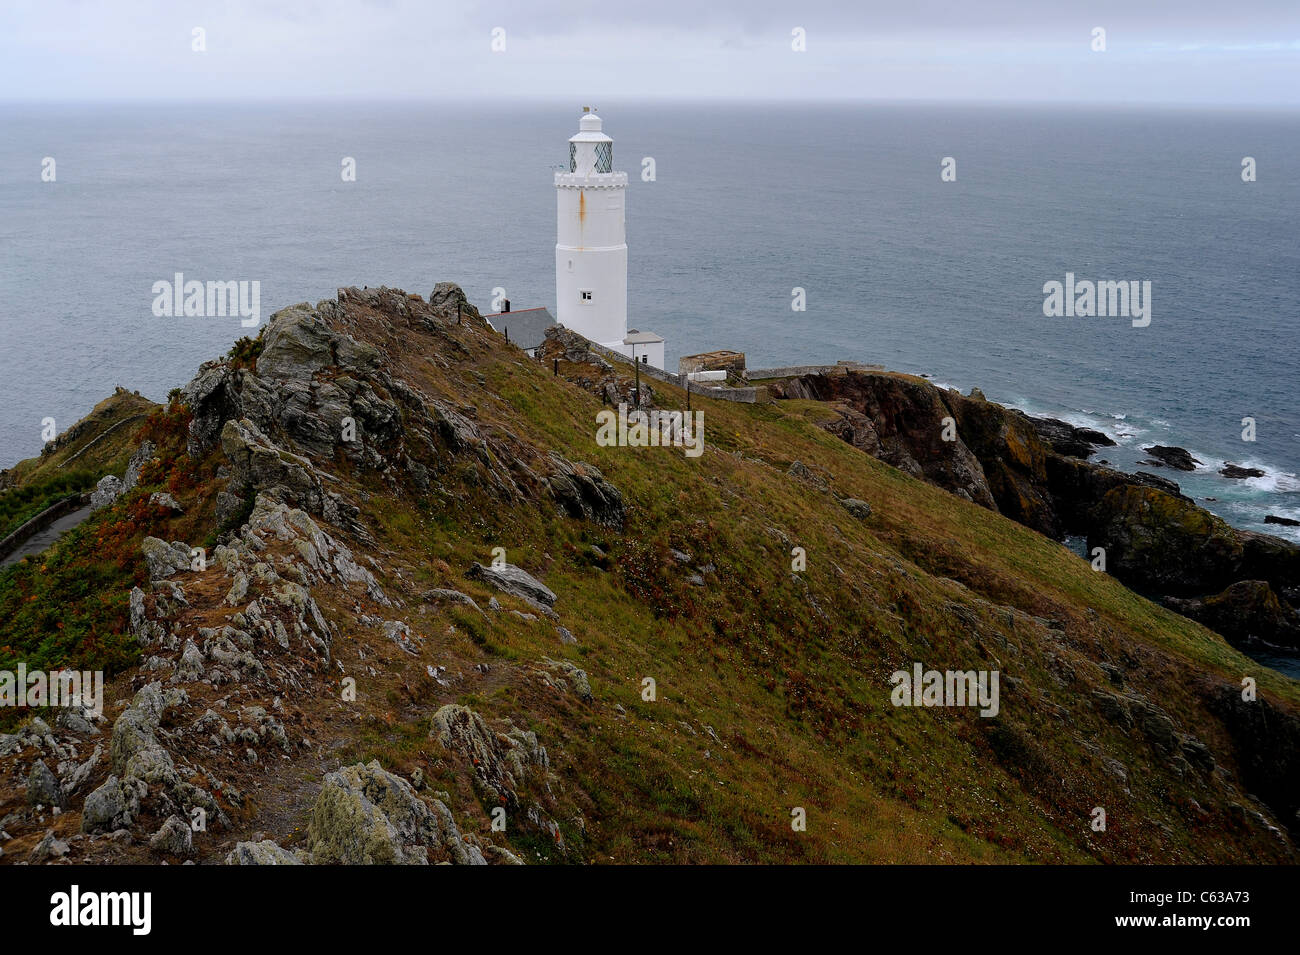 Punto de inicio faro en el sur de la costa de Devon. Foto de stock